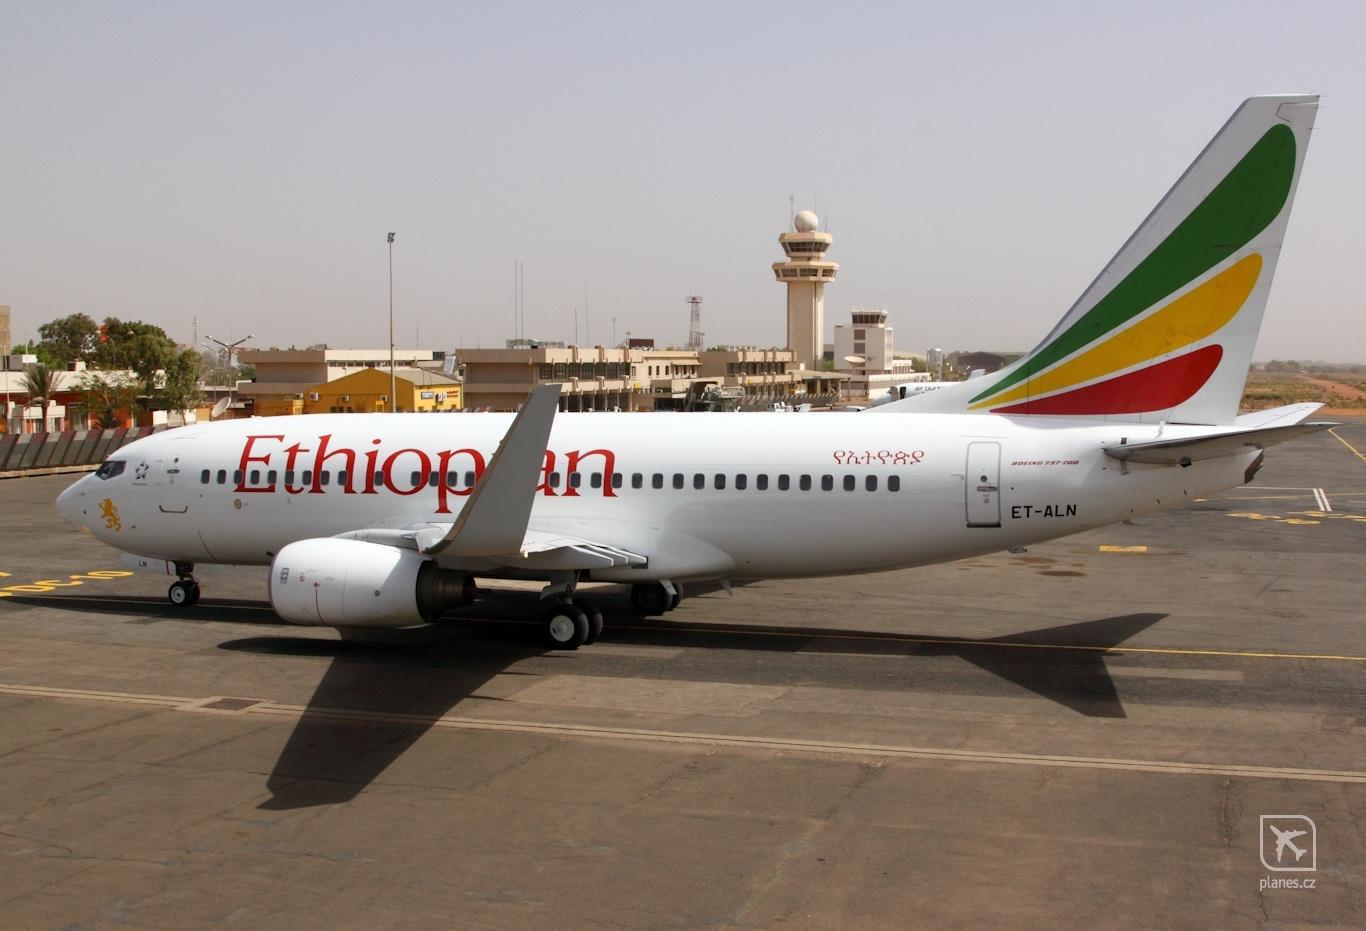 https://4.bp.blogspot.com/-wp_UAHmQO-k/URF73OJKiHI/AAAAAAAACqg/dP9H8d0gX88/s1600/b737-760-et-aln-ethiopian-airlines-eth-et-ouagadougou-oua-dffd.jpg